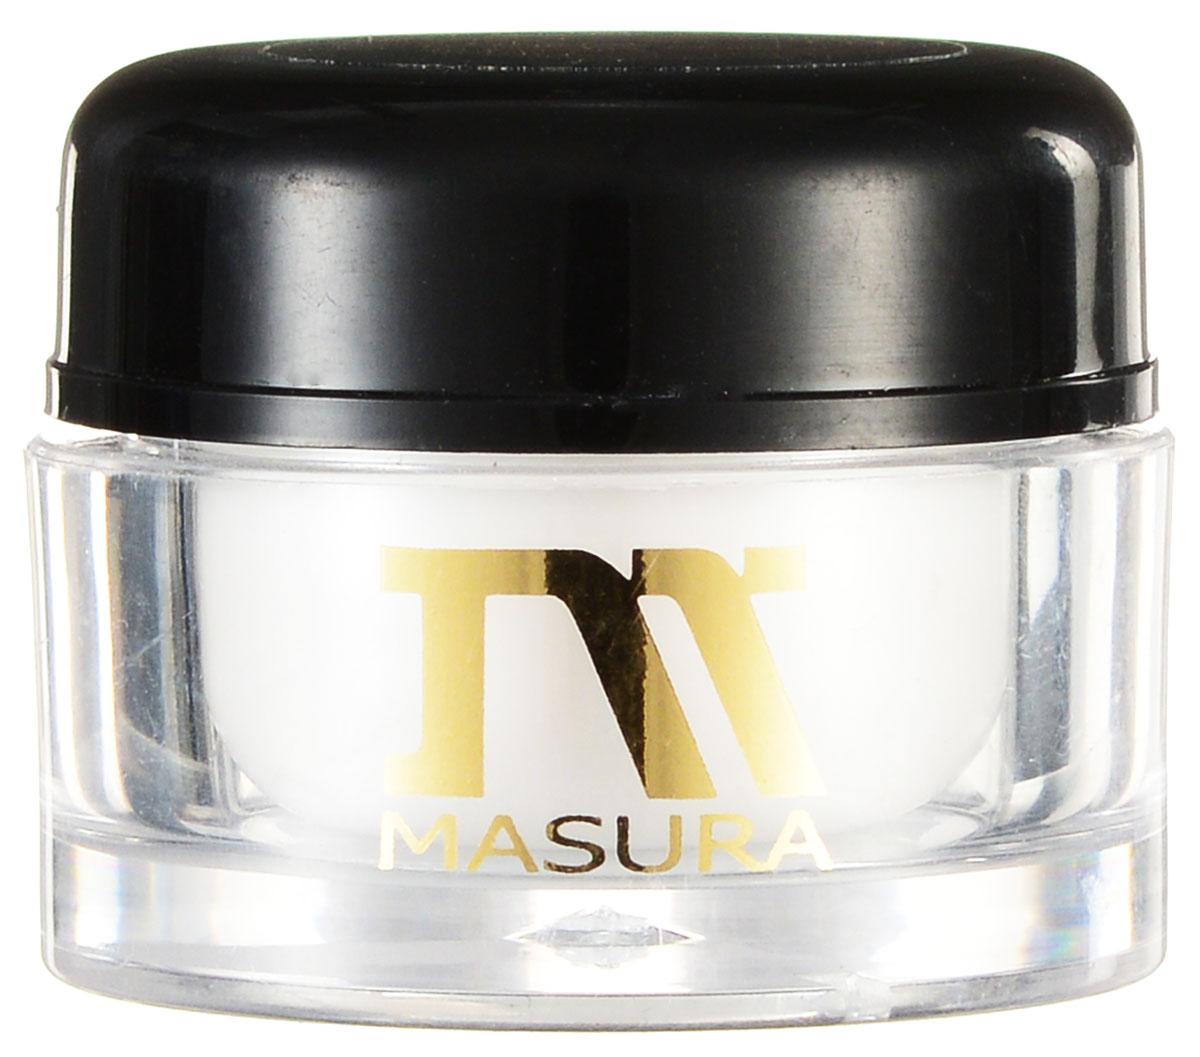 Masura Минеральная паста NI, для натуральных ногтей, 5 гSC-FM20104Минеральная паста Masura NI является одним из основных препаратов в процедуре японского маникюра. Насыщена полезными для ногтей микроэлементами: морскими пептидами, кератином, жемчужной крошкой. Минеральная паста как мастика заполняет все микротрещинки и желобки ногтя, запечатывая ногтевую пластину. Укрепляет ногти и придает ногтевой пластине устойчивый блеск. Входит в состав набора для японского маникюра Masura.Товар сертифицирован.